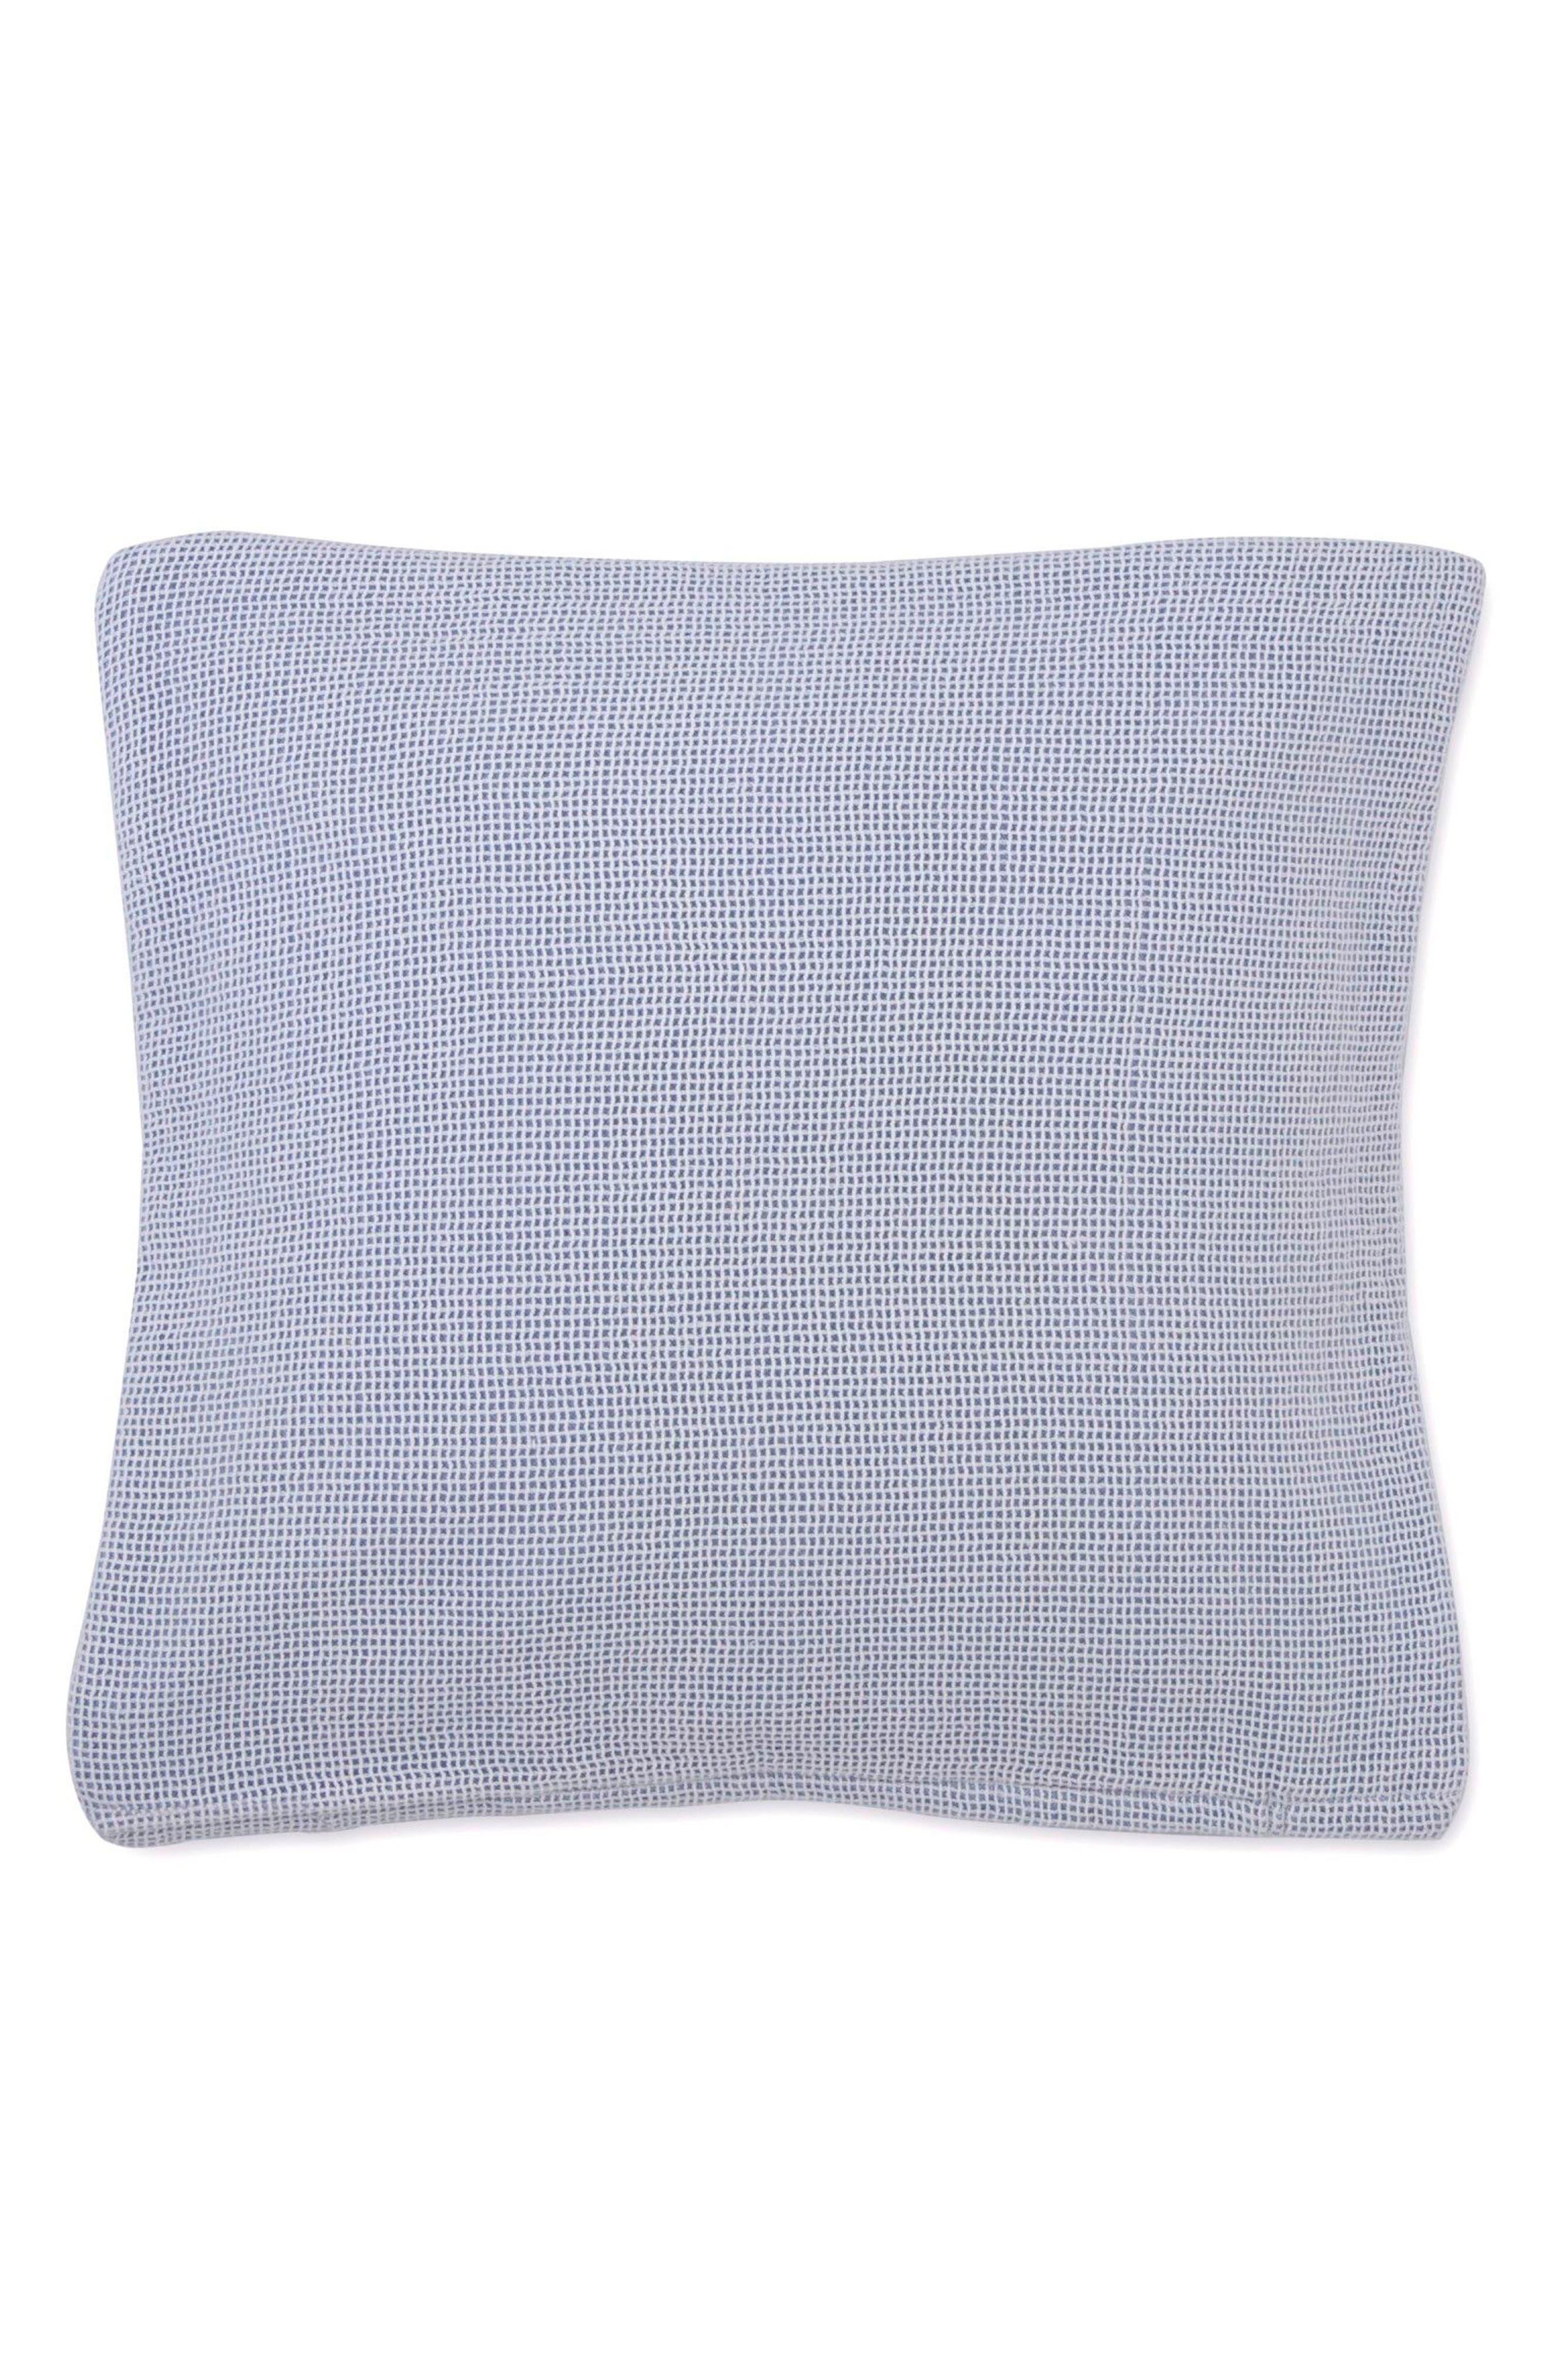 Sea Breeze Square Accent Pillow,                             Main thumbnail 1, color,                             LIGHT BLUE